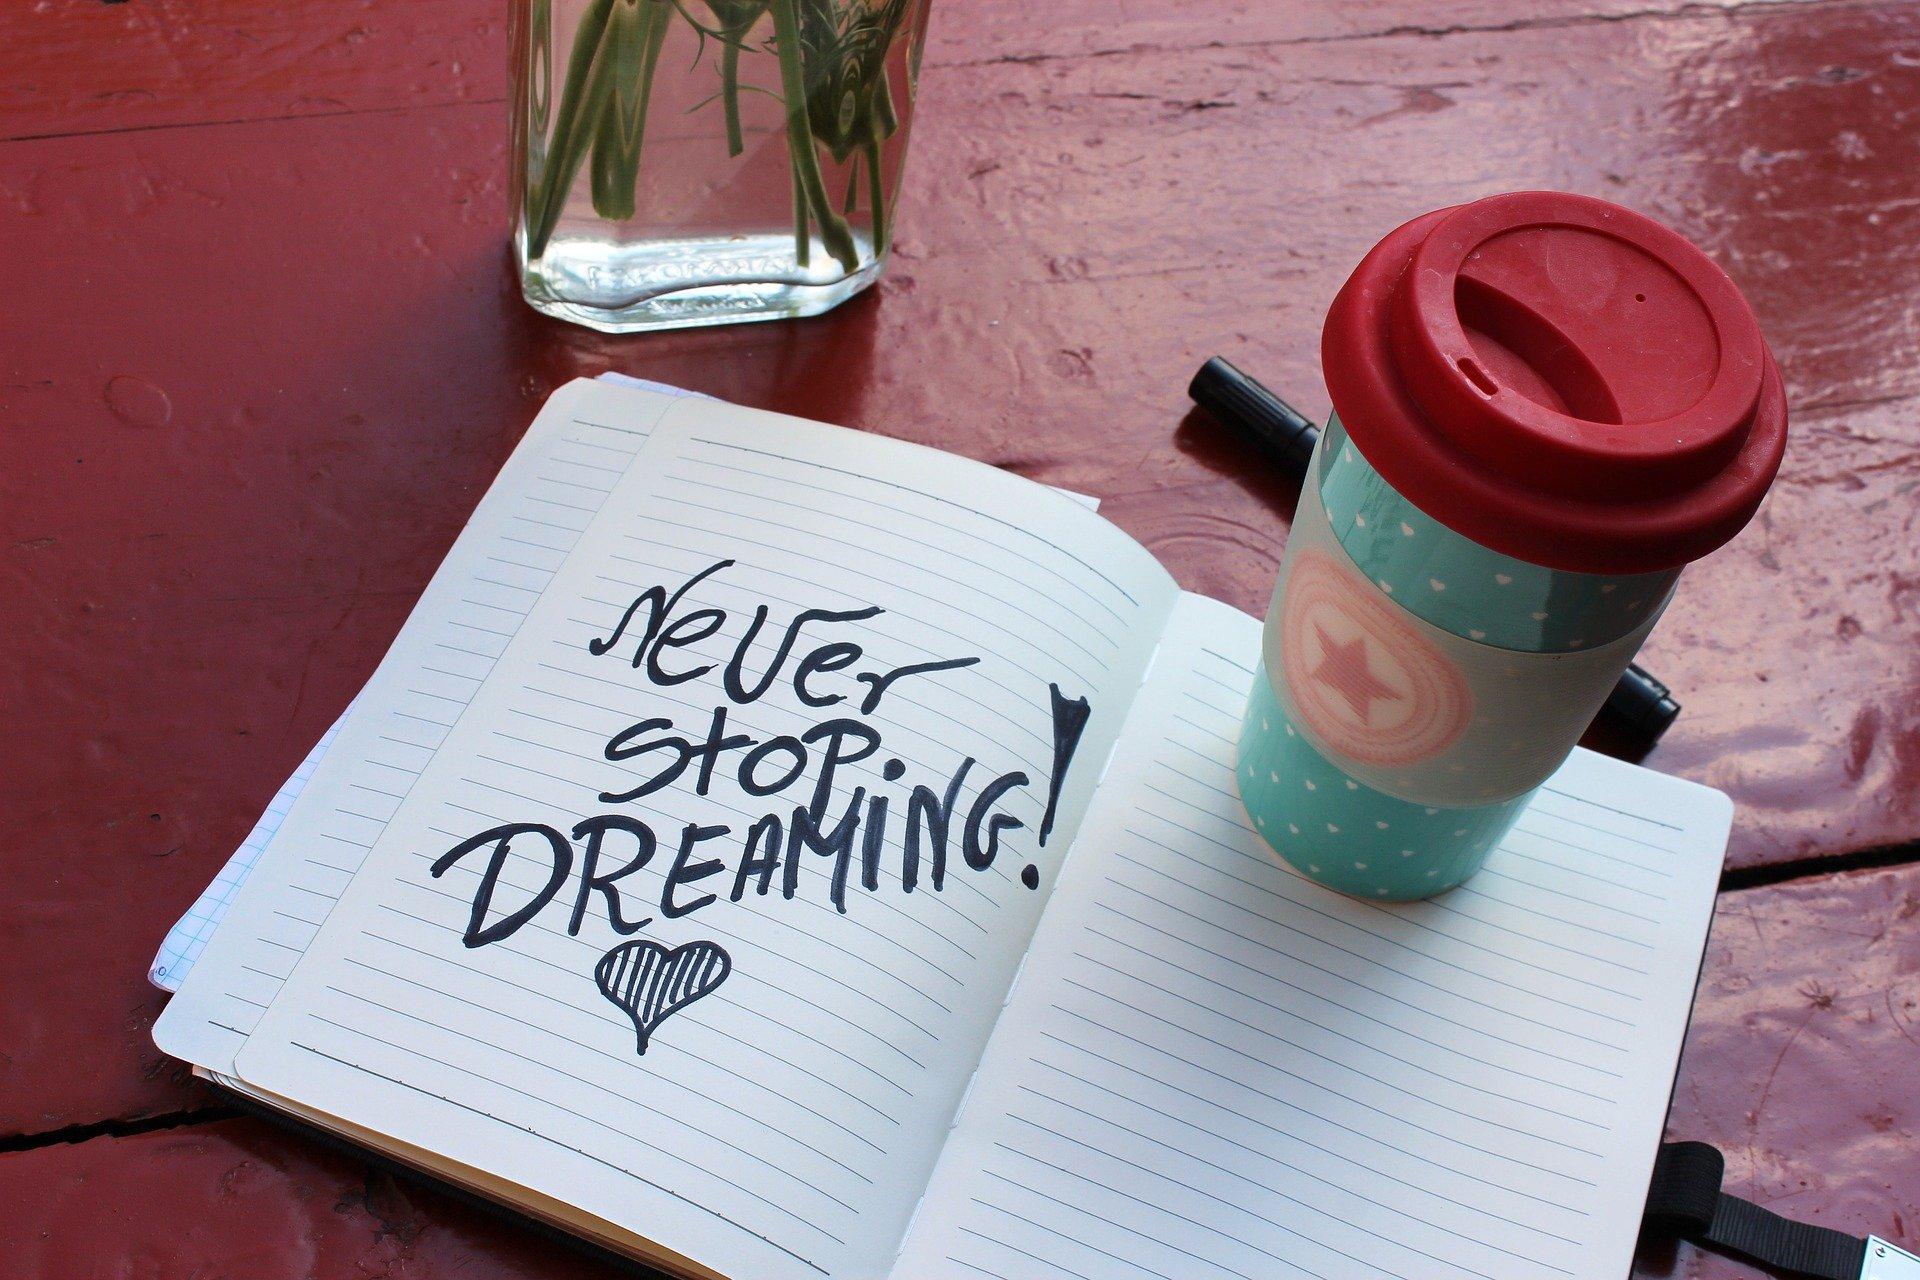 La Realizzazione di un sogno